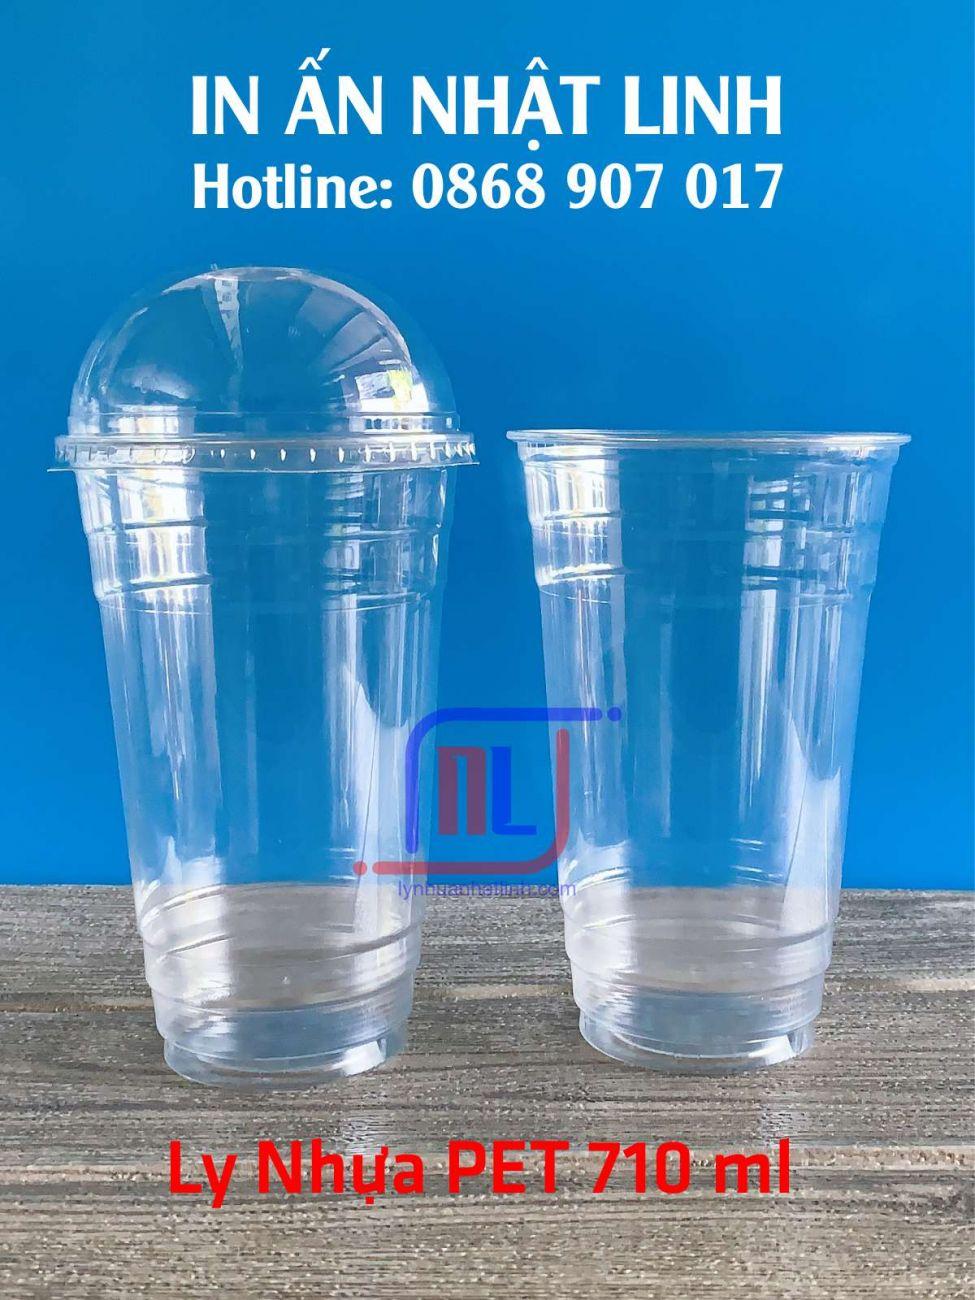 Ly Nhựa PET 700 ml